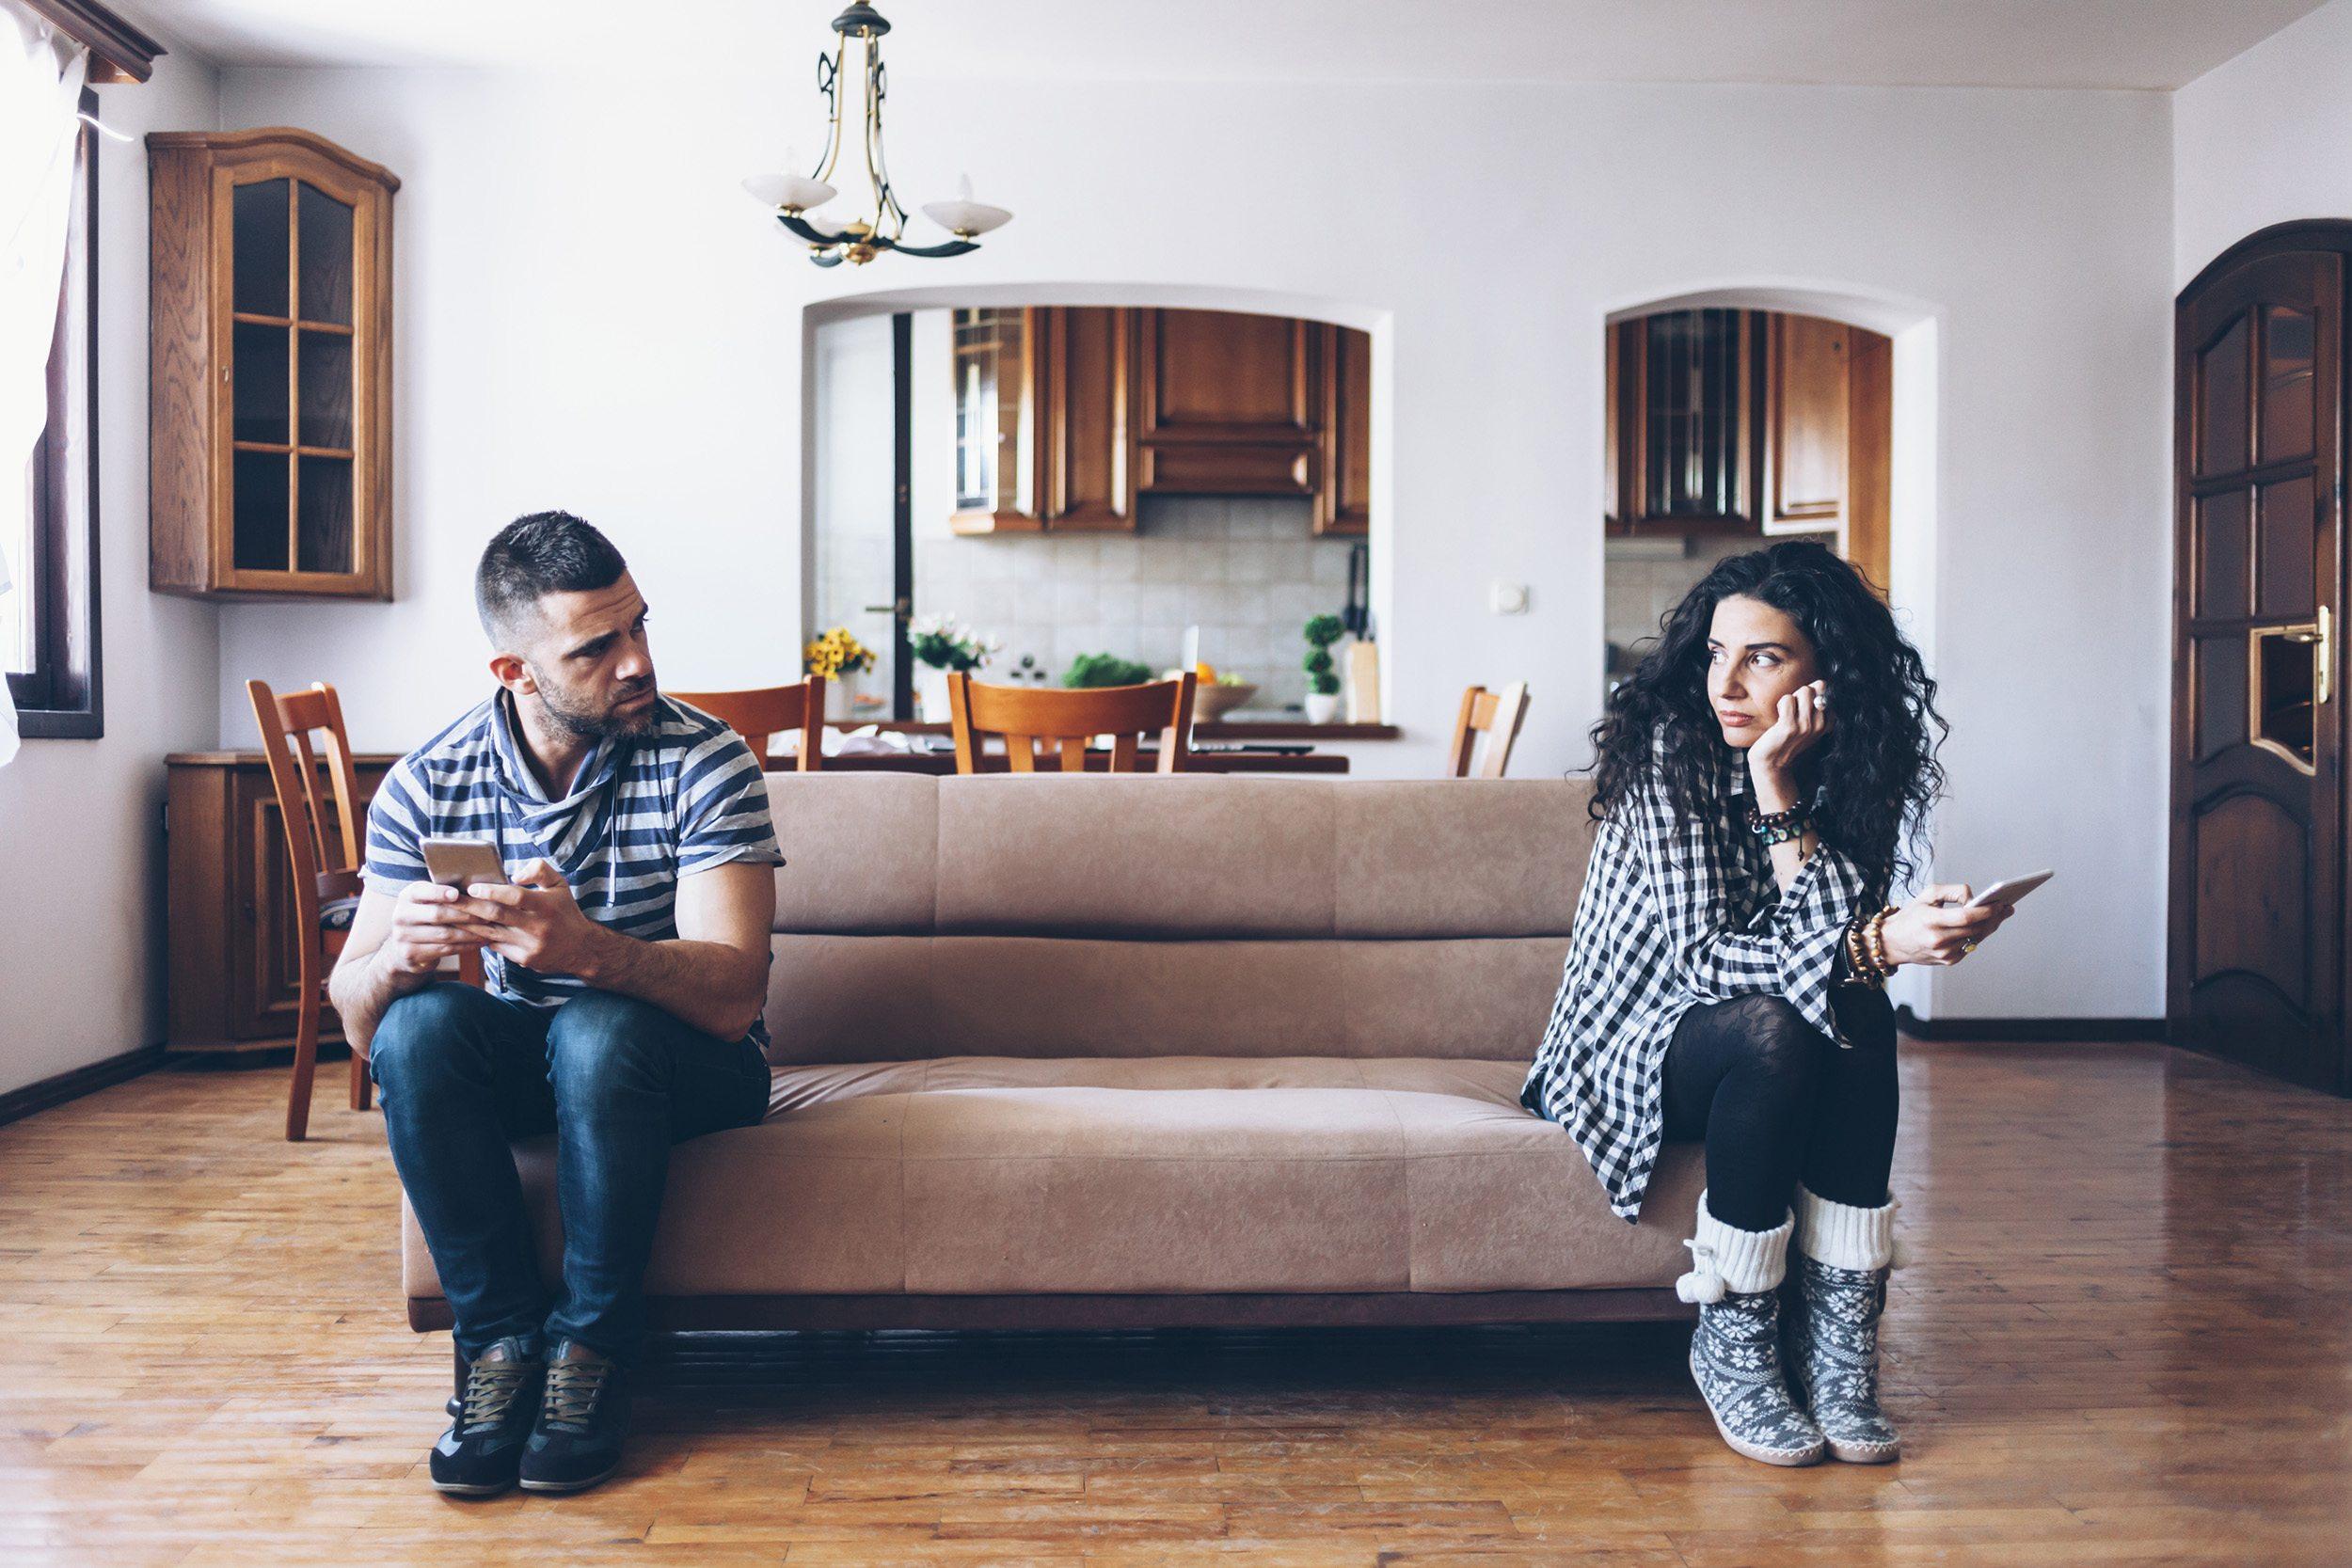 Reviving Trust After an Affair (part 2)